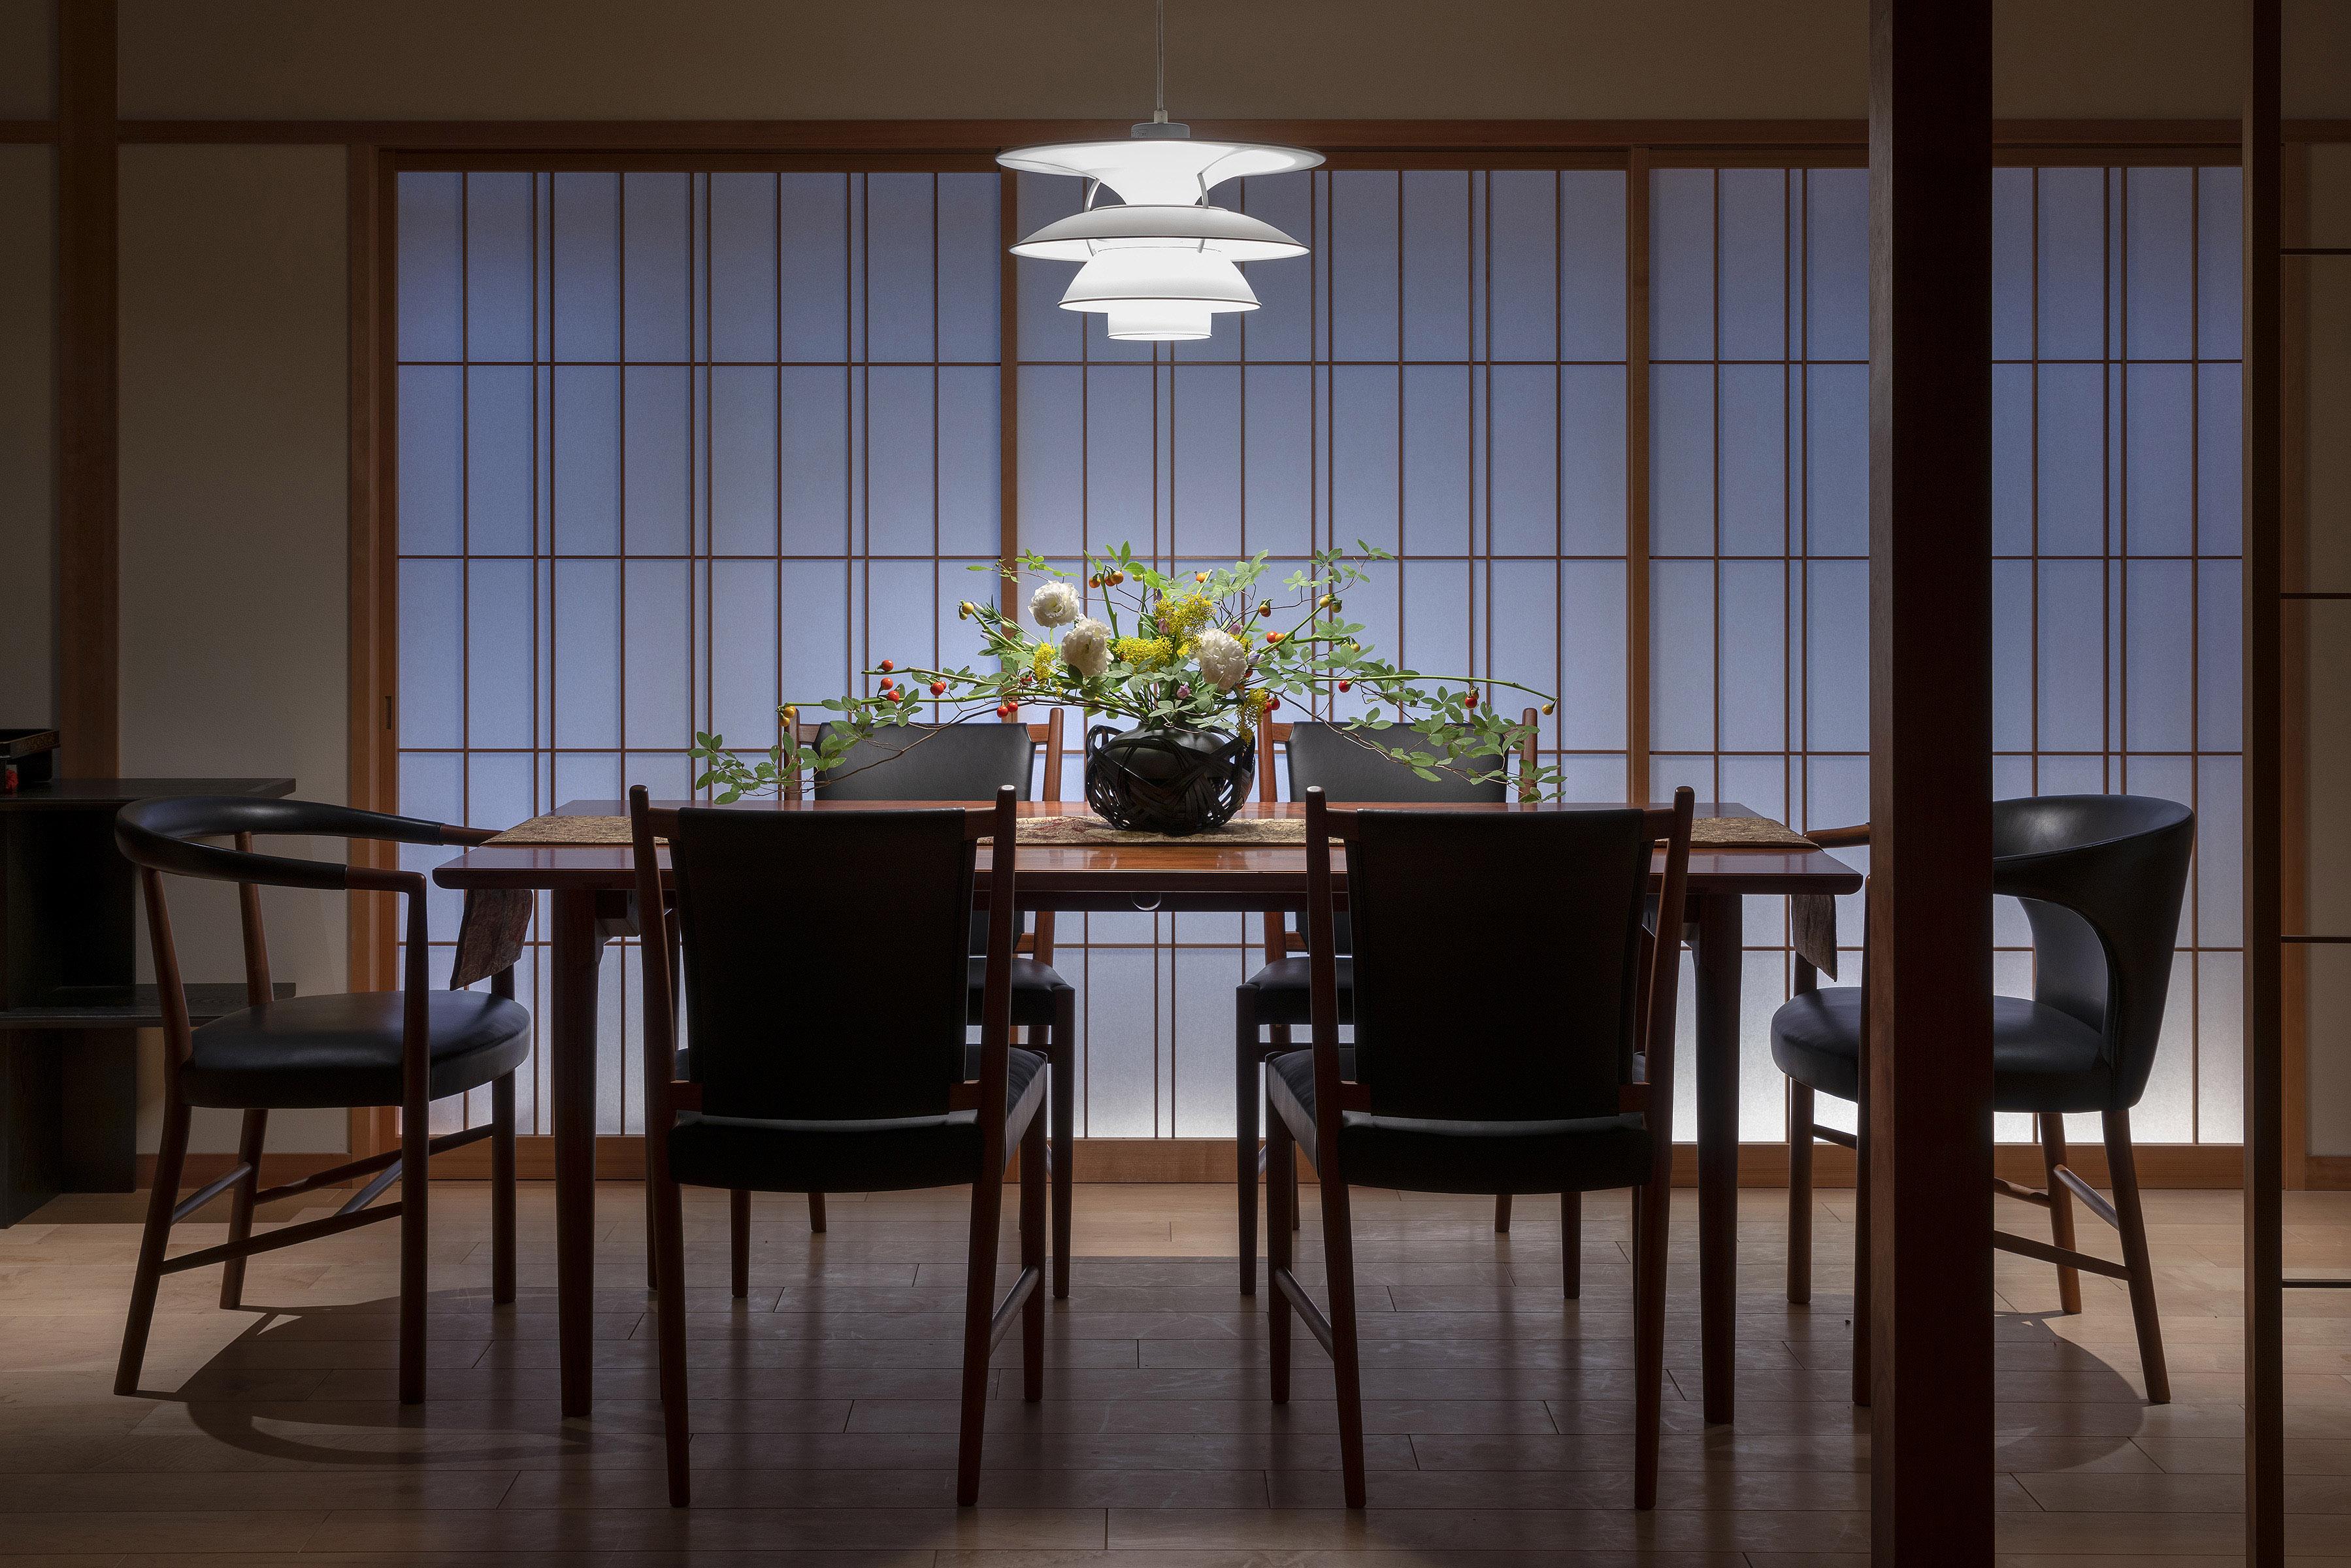 GESTROOM IN KYOTO